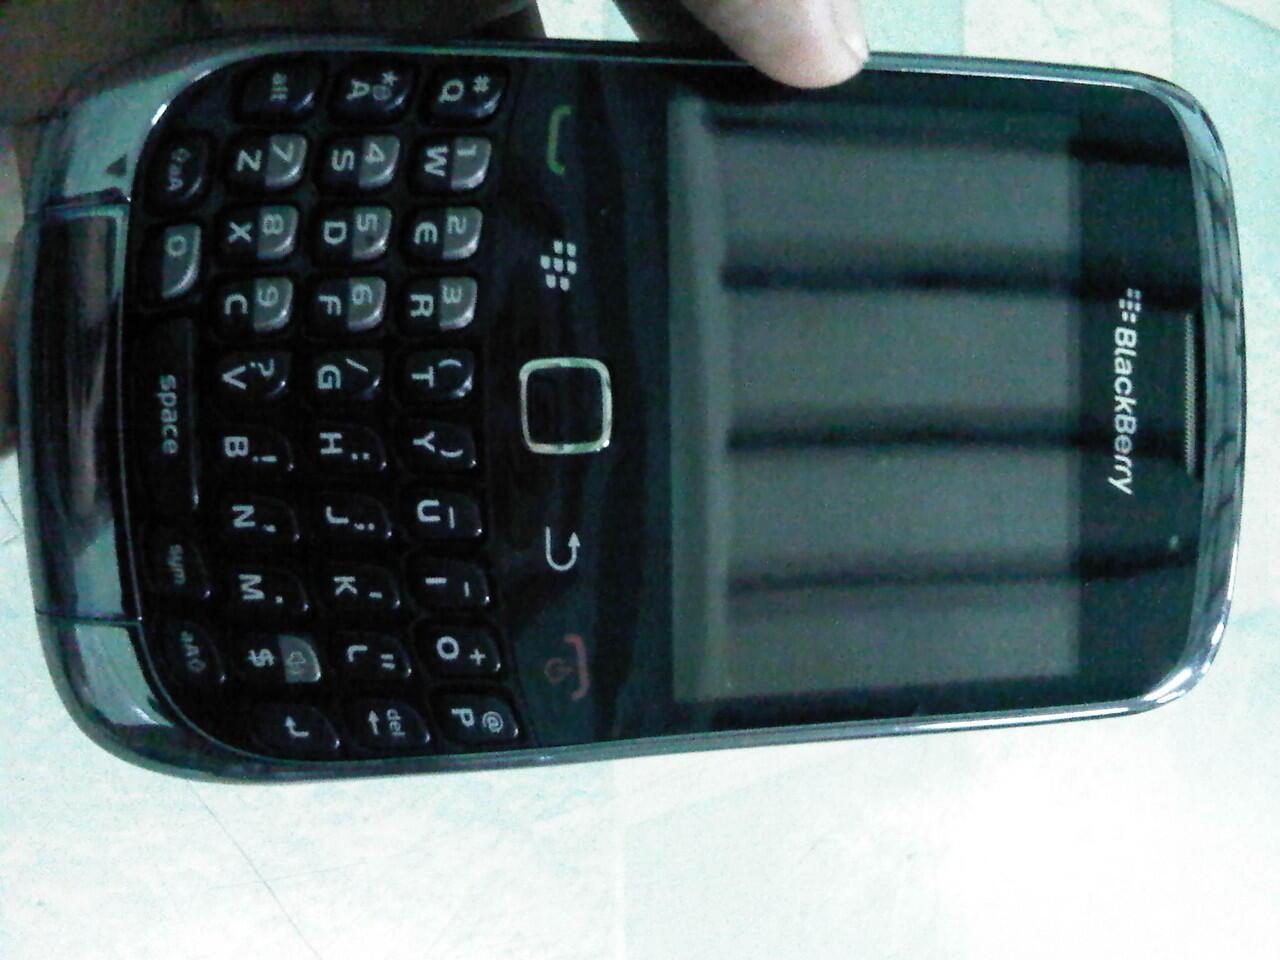 WTS BB Gemini 3G a.k.a Kepler, kondisi 98%, fullset, murah